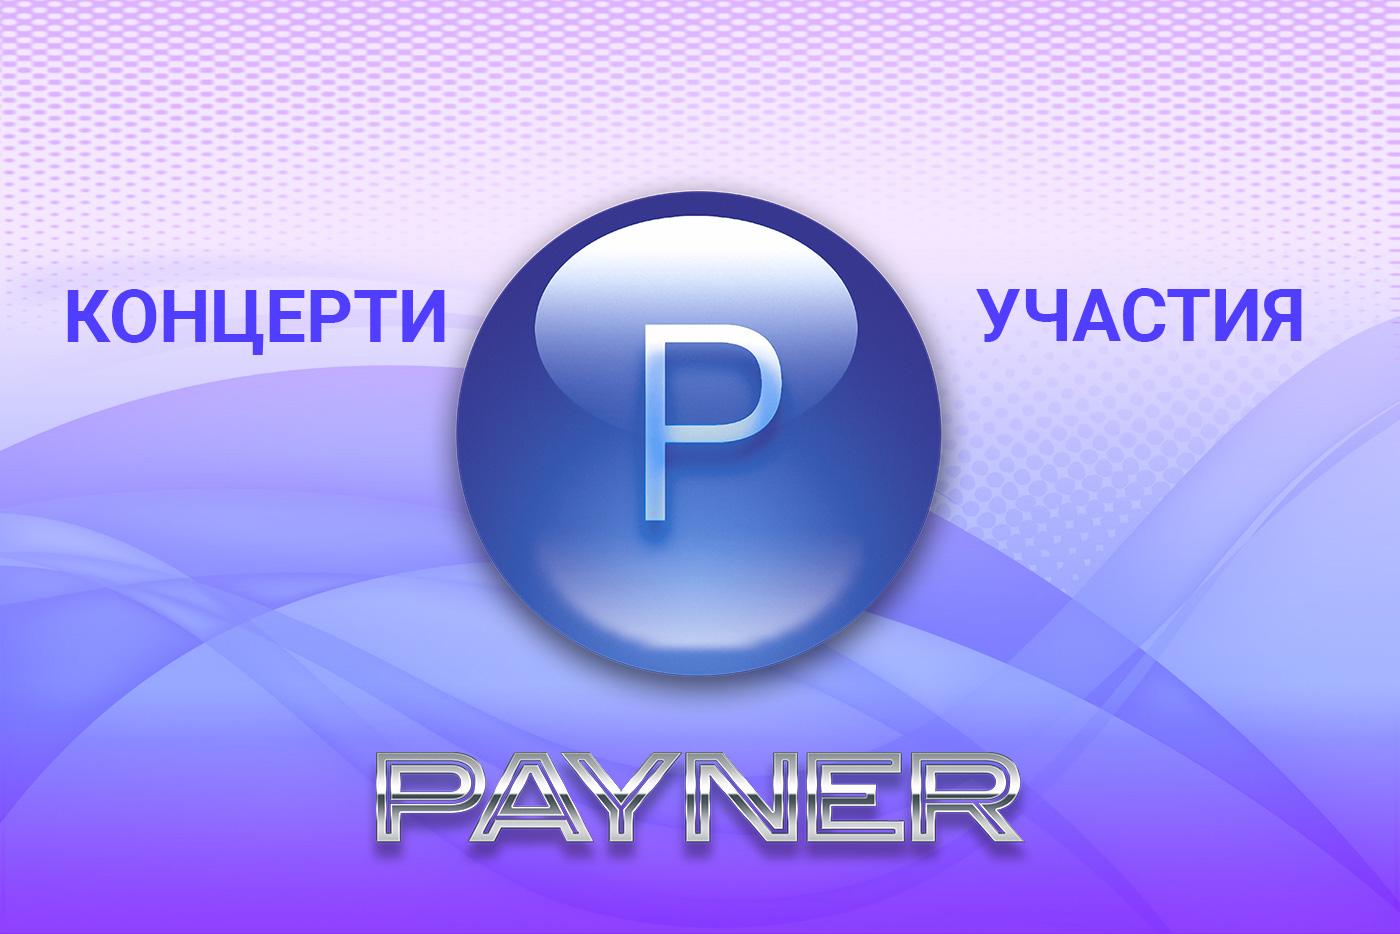 """Участия на звездите на """"Пайнер"""" на 22.07.2020"""